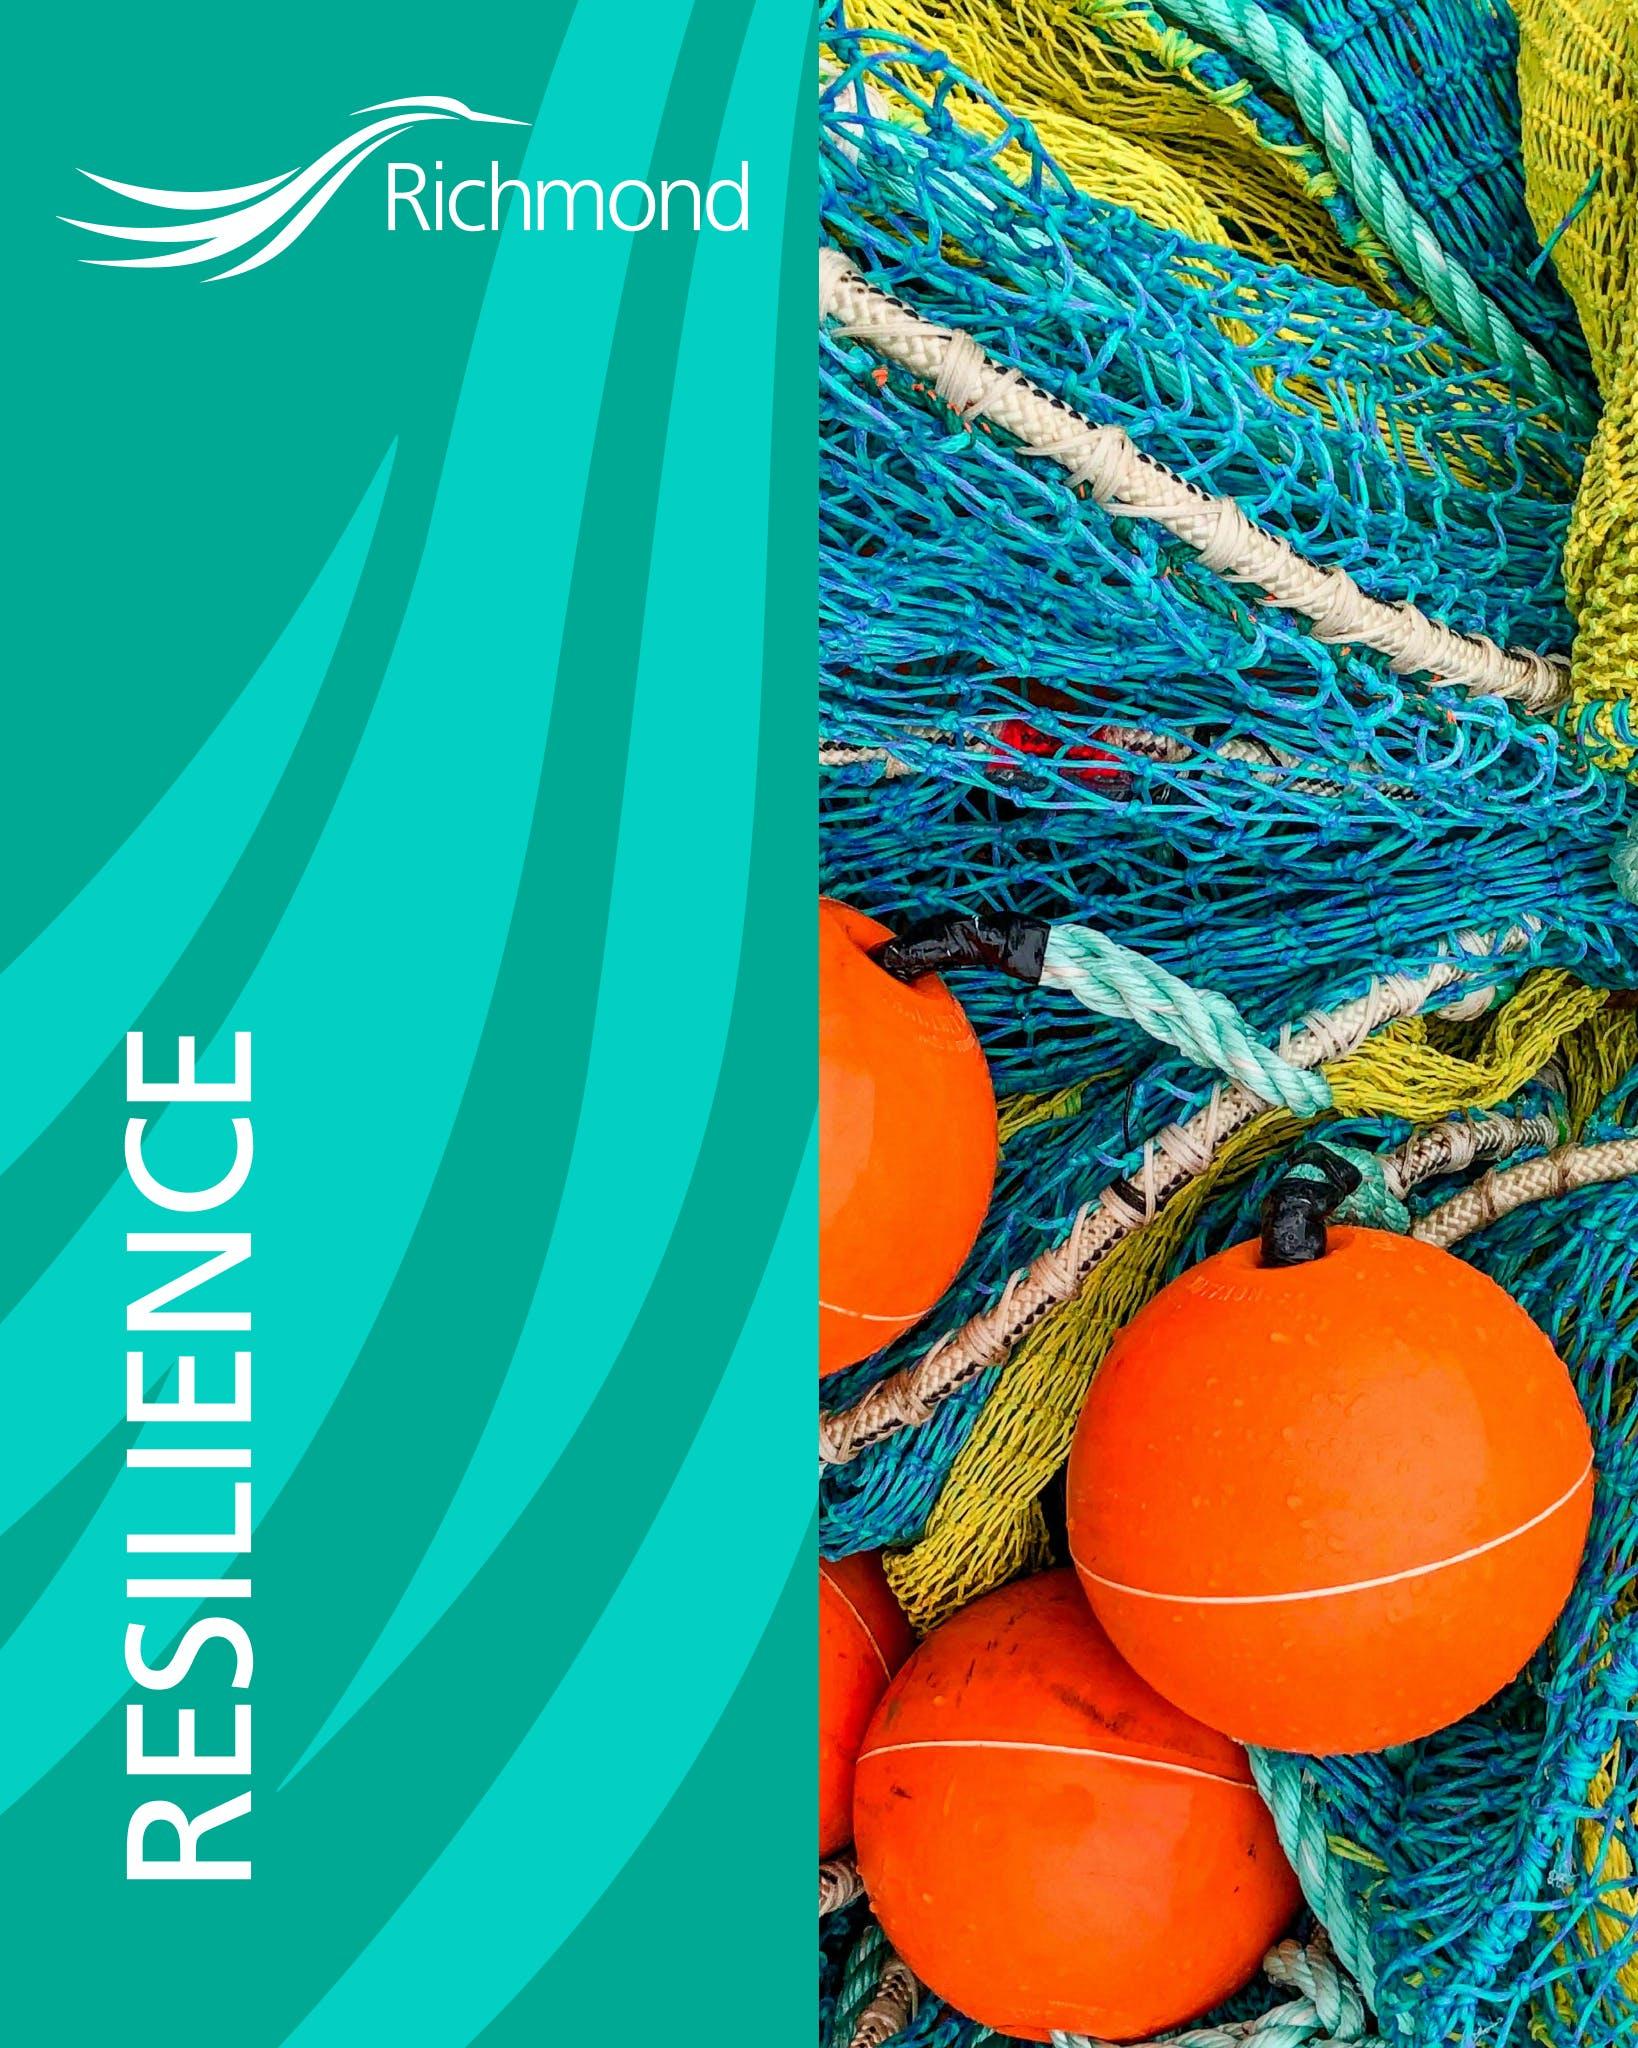 SEMI-FINALIST-Wordmarked-Sets-FINAL-2.jpg